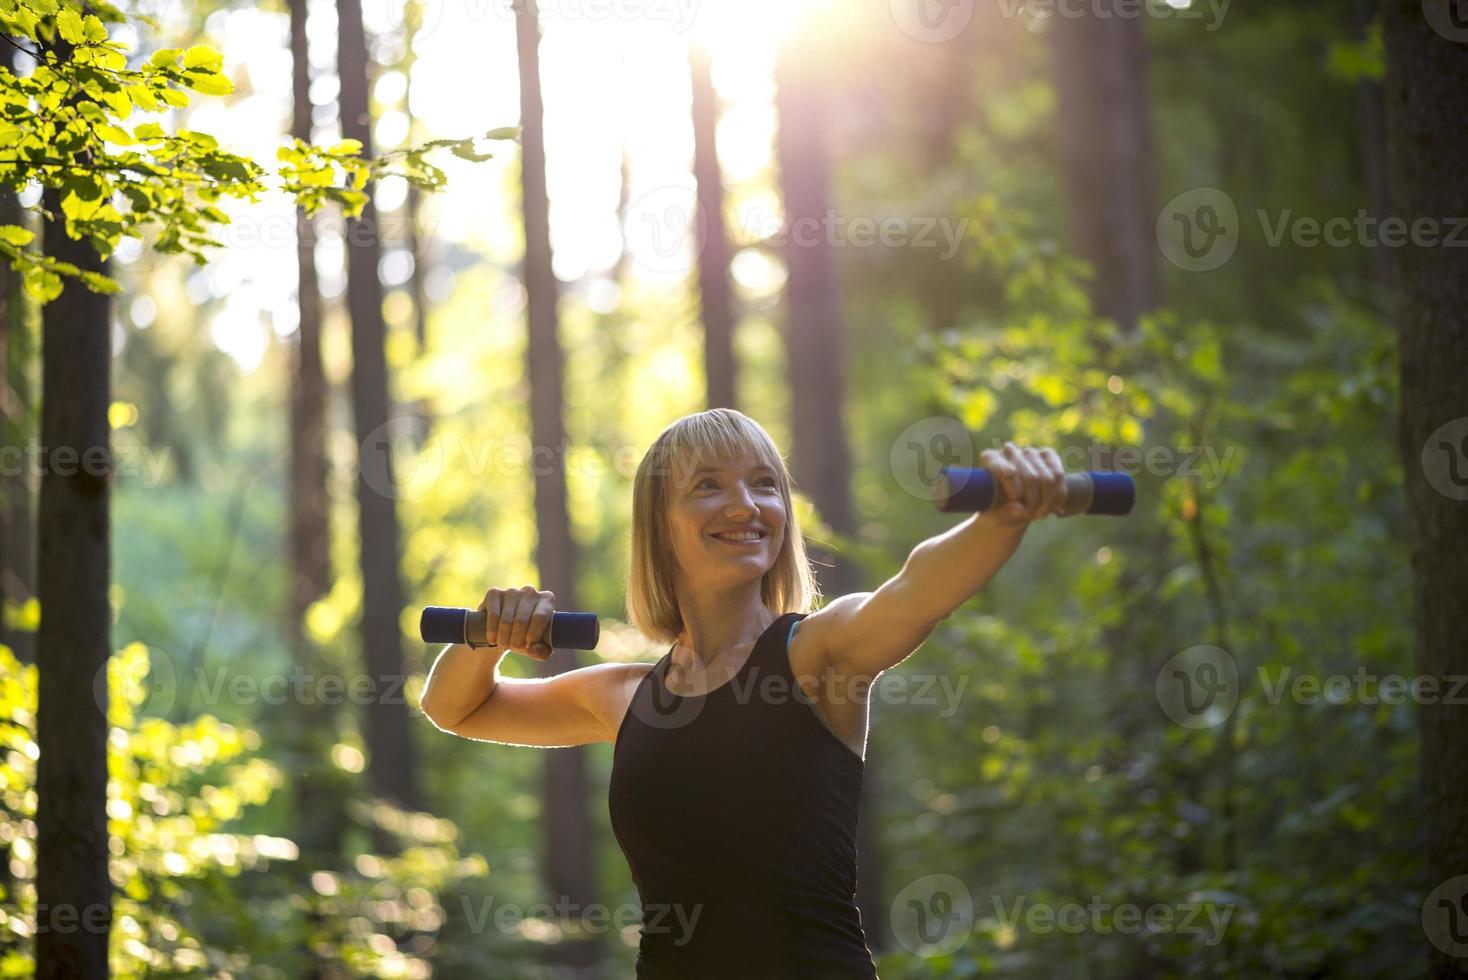 mujer joven trabajando con pesas foto